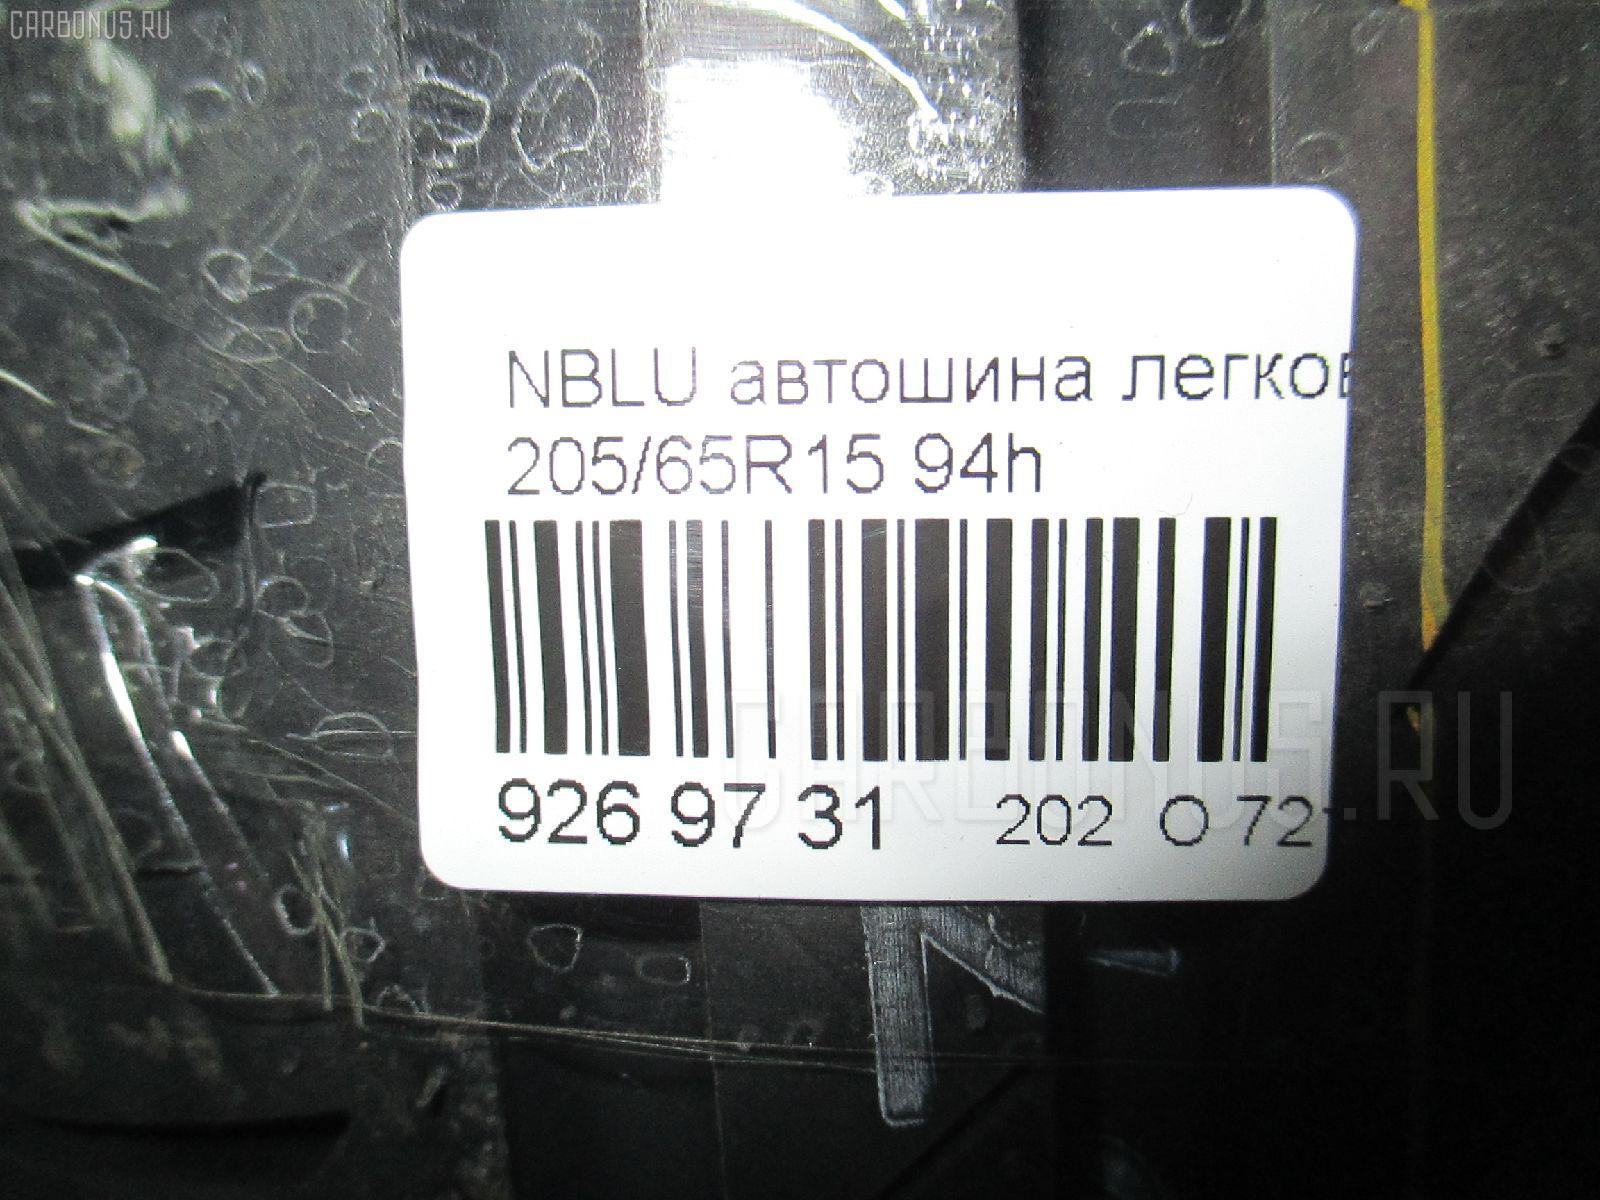 Автошина легковая летняя NBLUE HD PLUS 205/65R15 NEXEN Фото 4